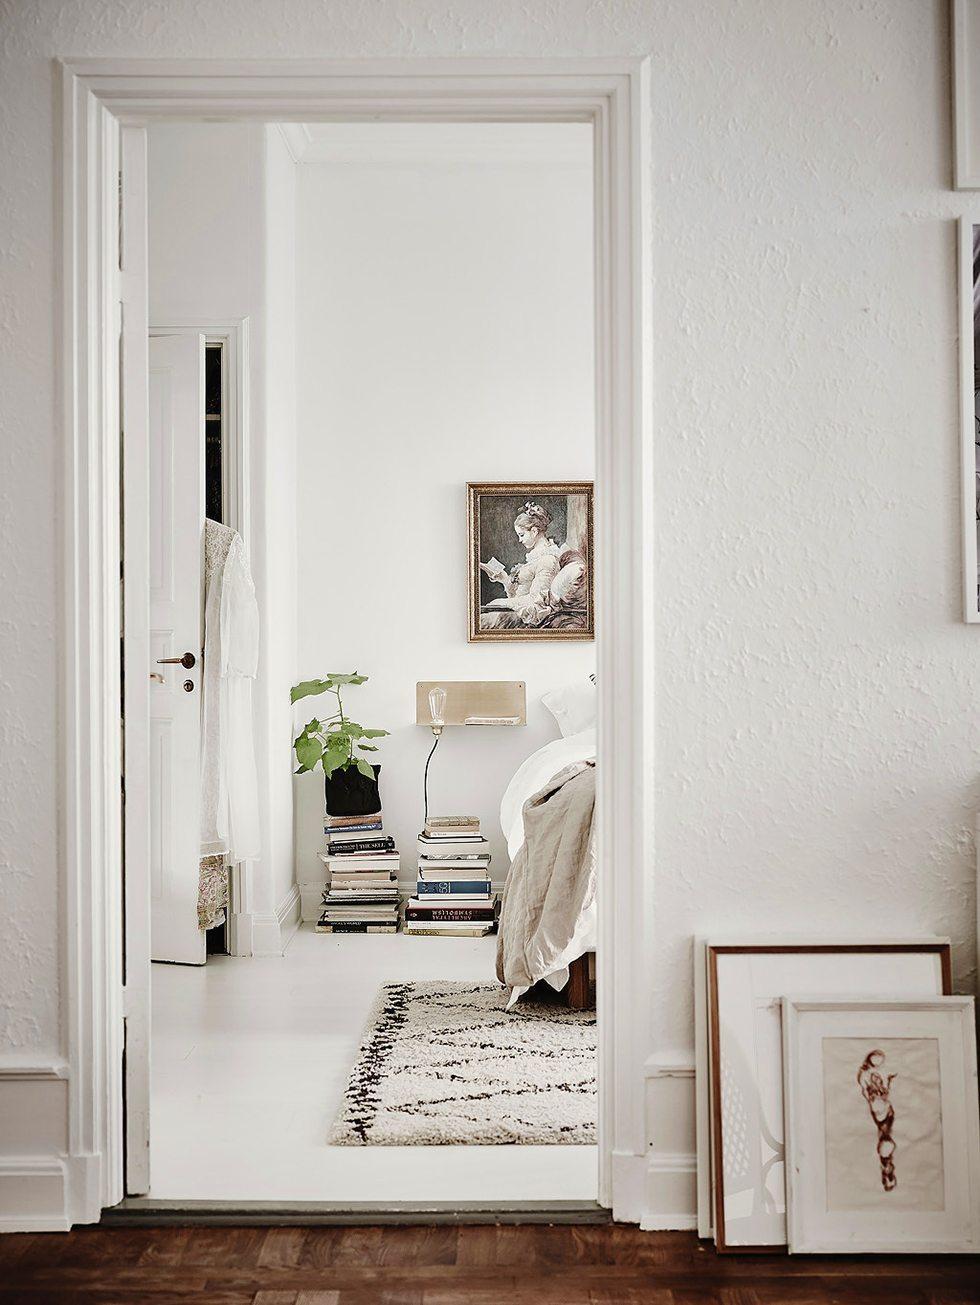 5-saker-som-satter-pricken-over-i-for-ett-rum-husligheter-3